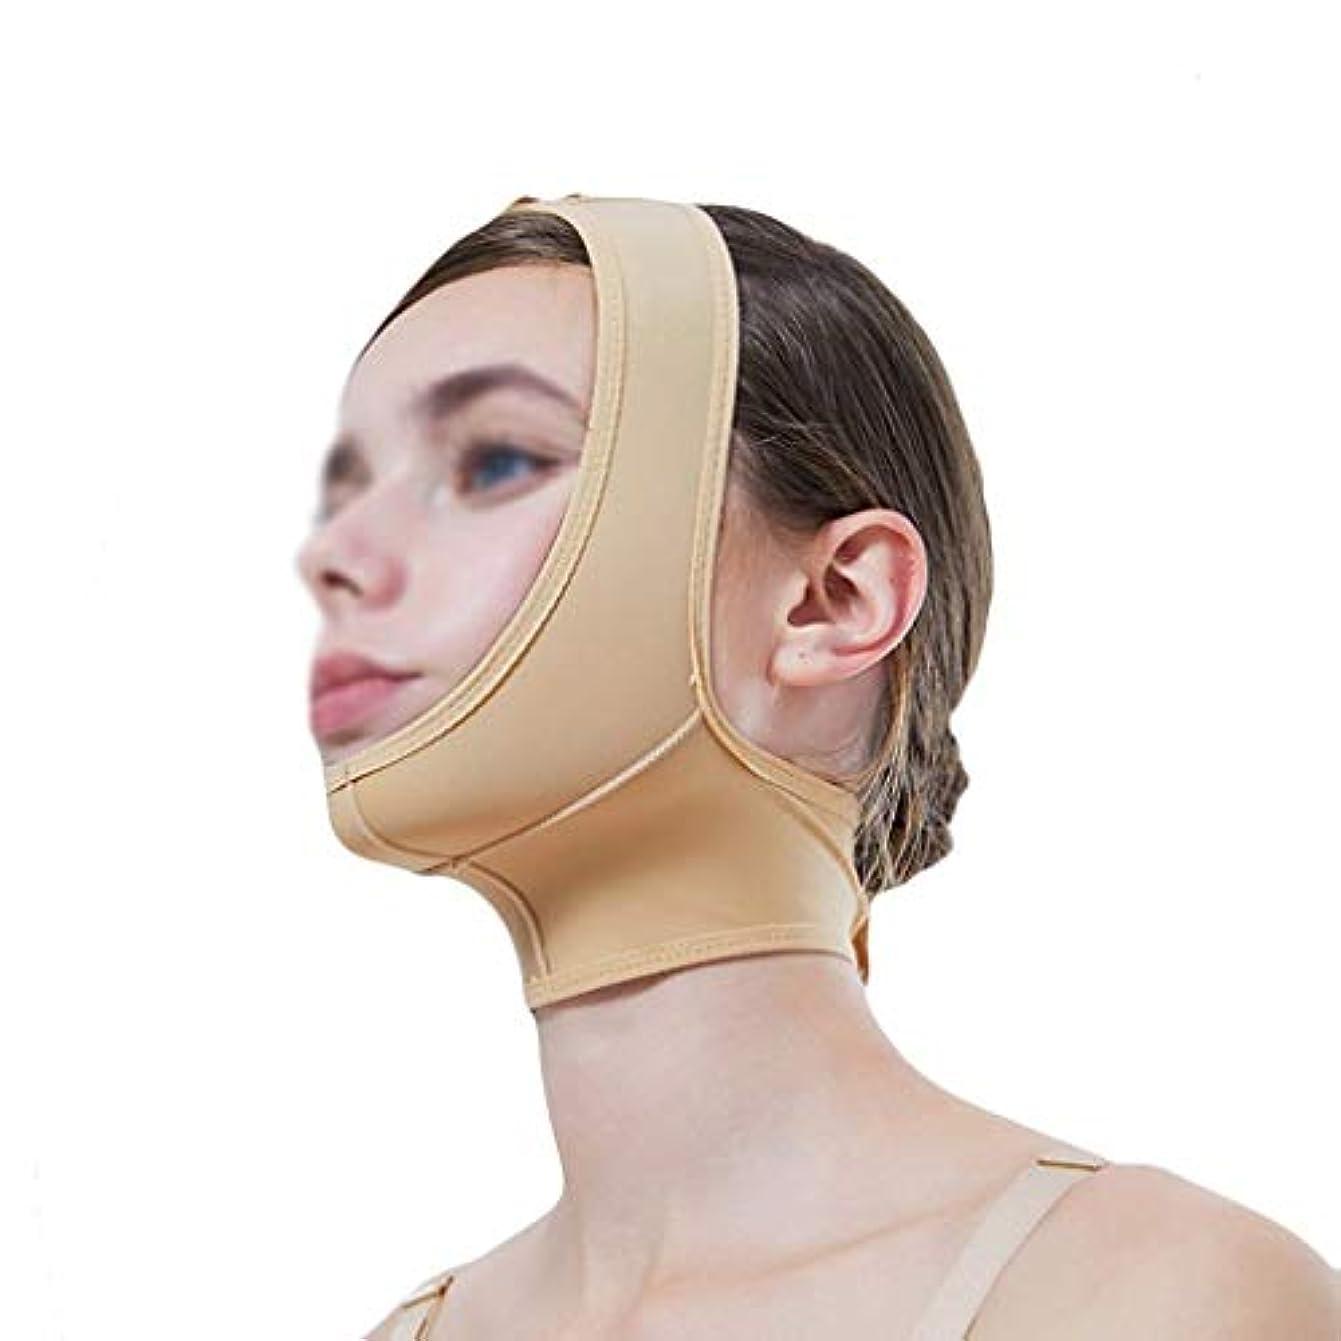 引退する着飾る犯罪マスク、超薄型ベルト、フェイスリフティングに適し、フェイスリフティング、通気性包帯、あご取りベルト、超薄型ベルト、通気性(サイズ:XL),L